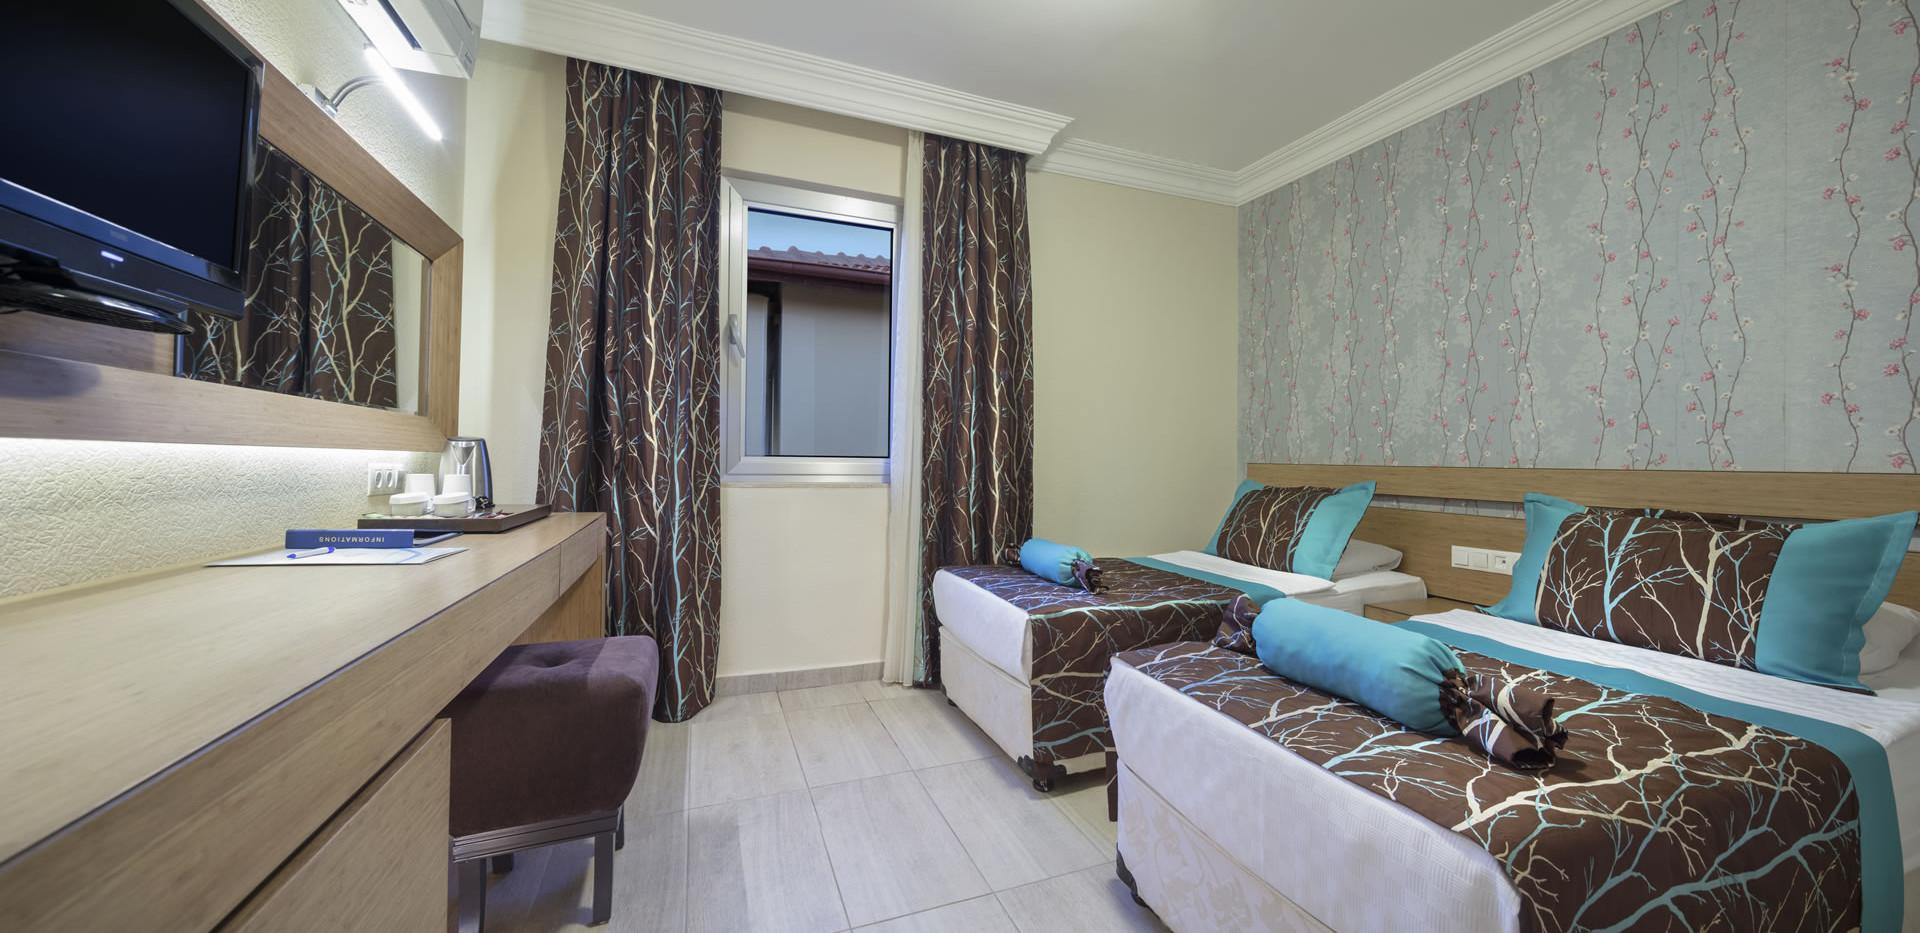 saphir-hotel-villas-odalar-369.jpg